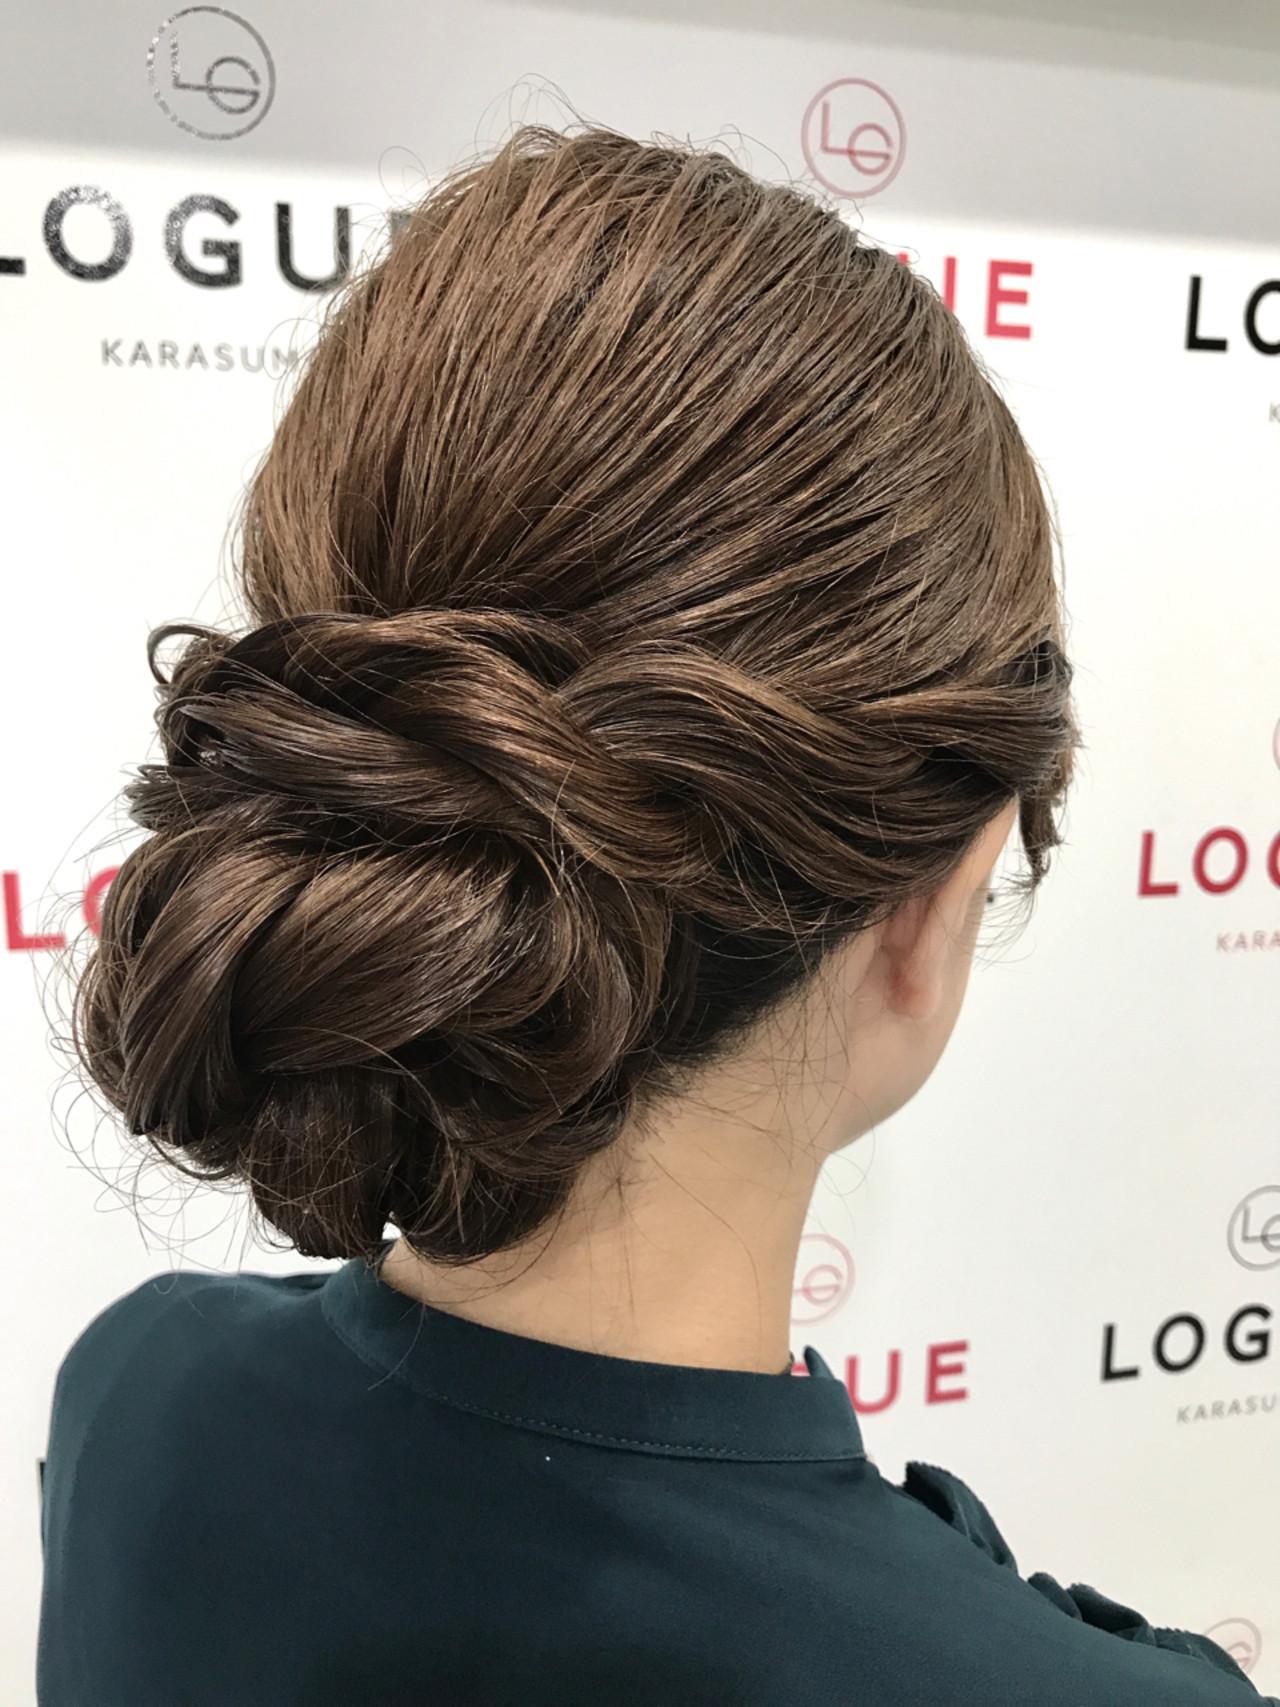 結婚式 大人女子 シニヨン ヘアアレンジ ヘアスタイルや髪型の写真・画像